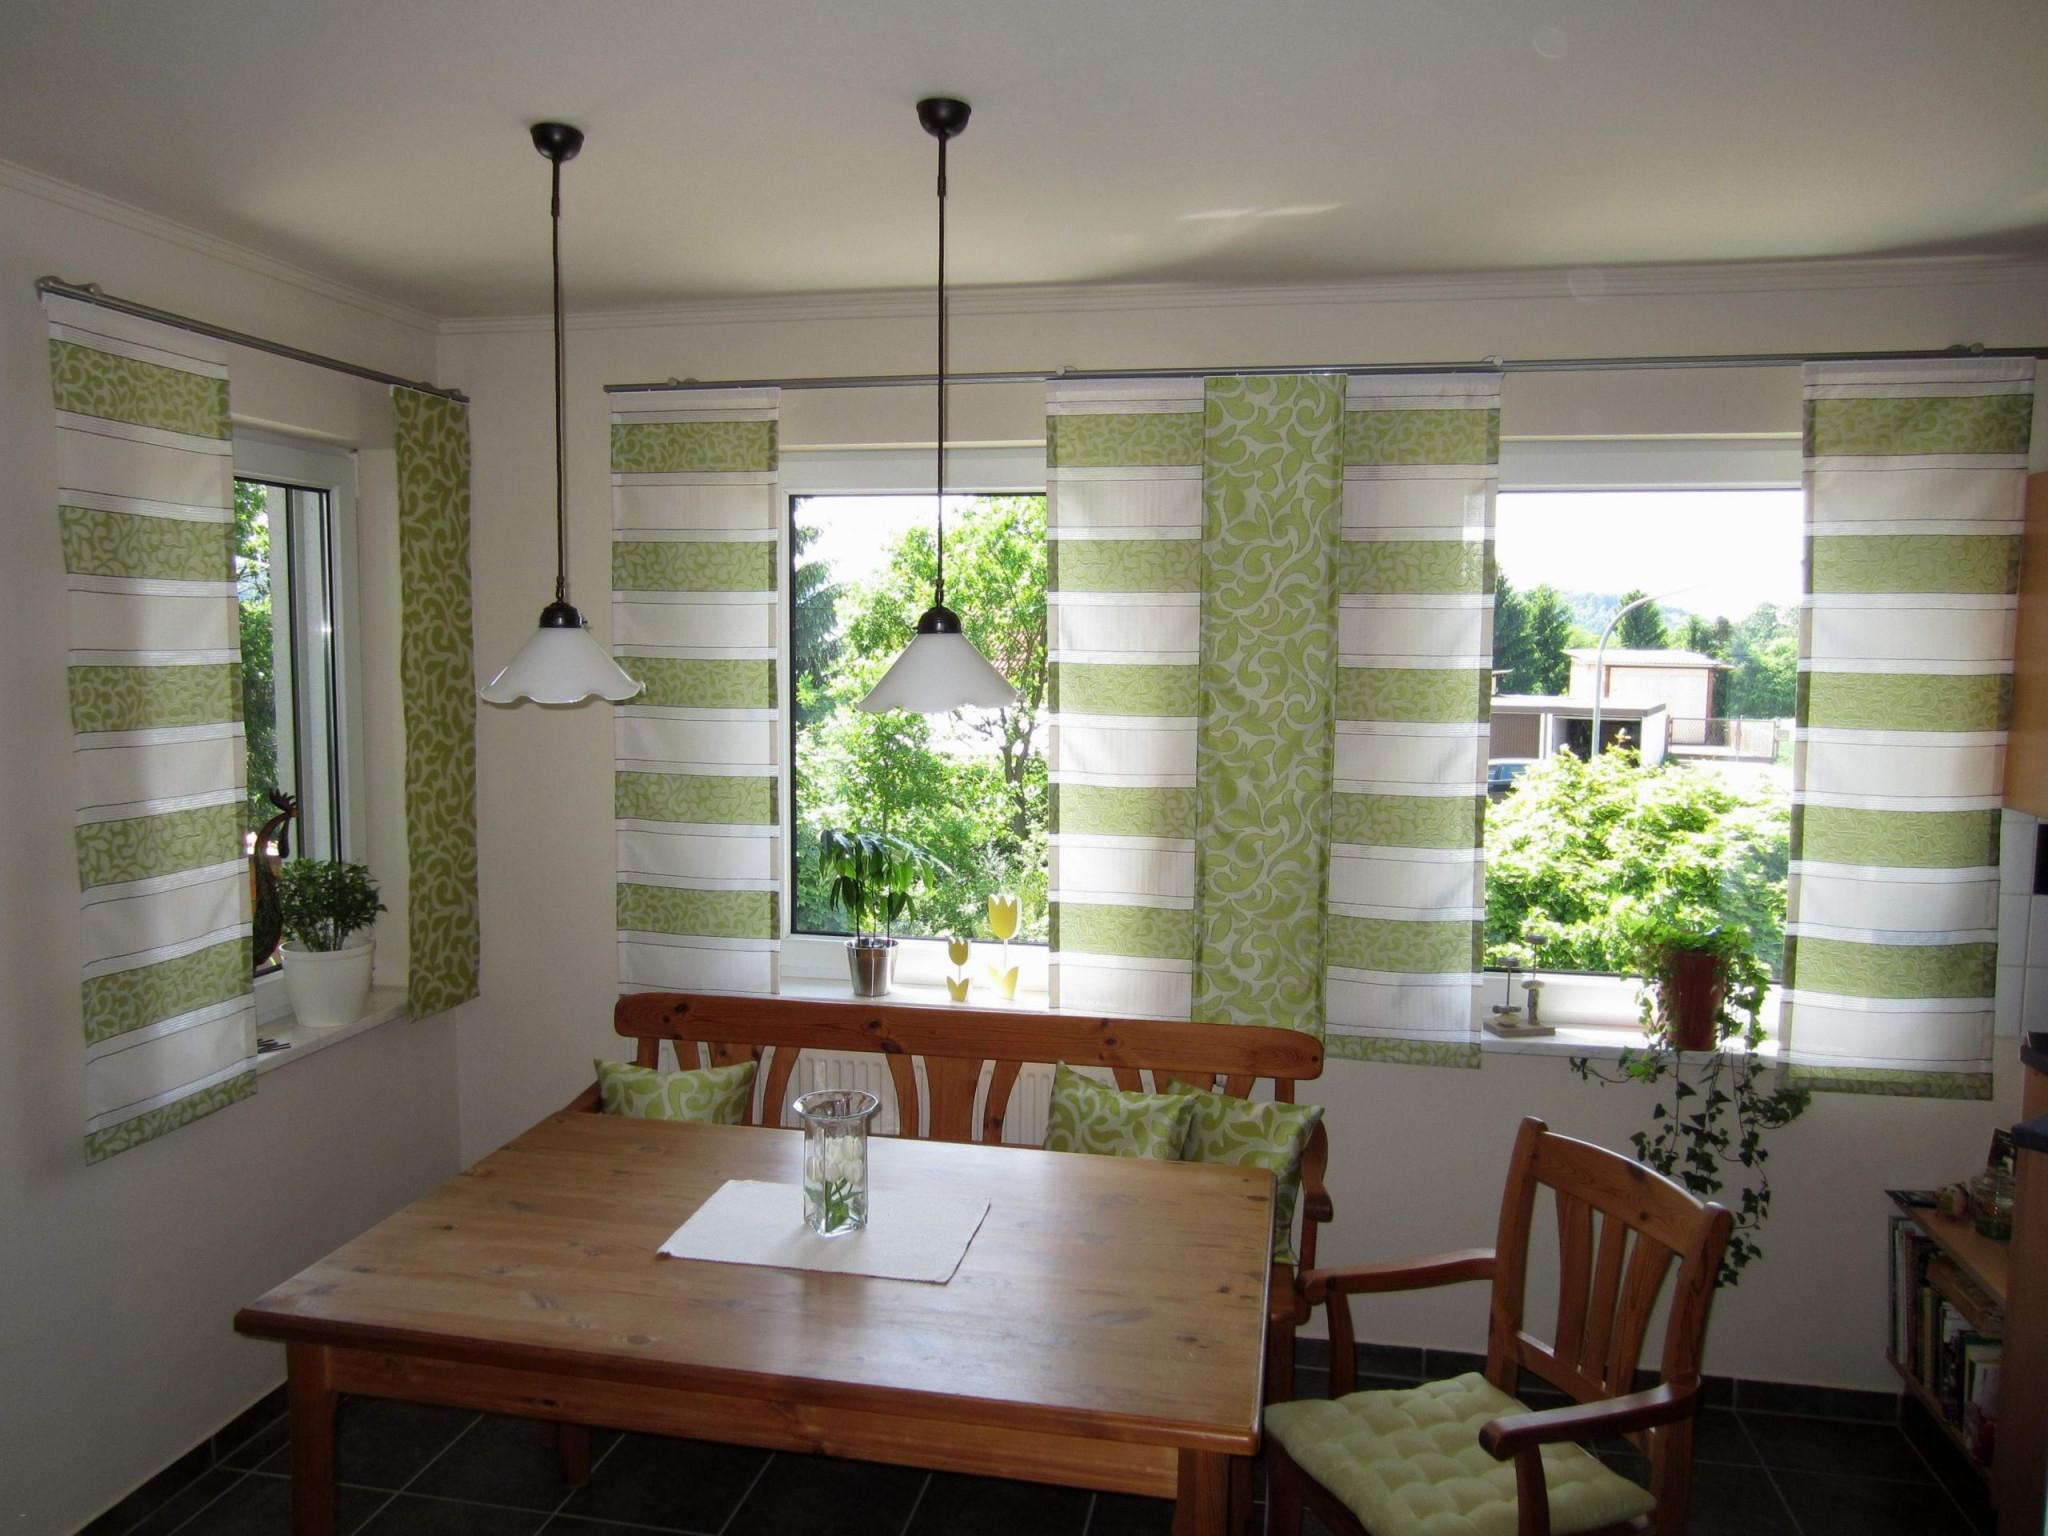 34 Luxus Fenstergestaltung Wohnzimmer Genial  Wohnzimmer Frisch von Fenstergestaltung Wohnzimmer Ideen Photo